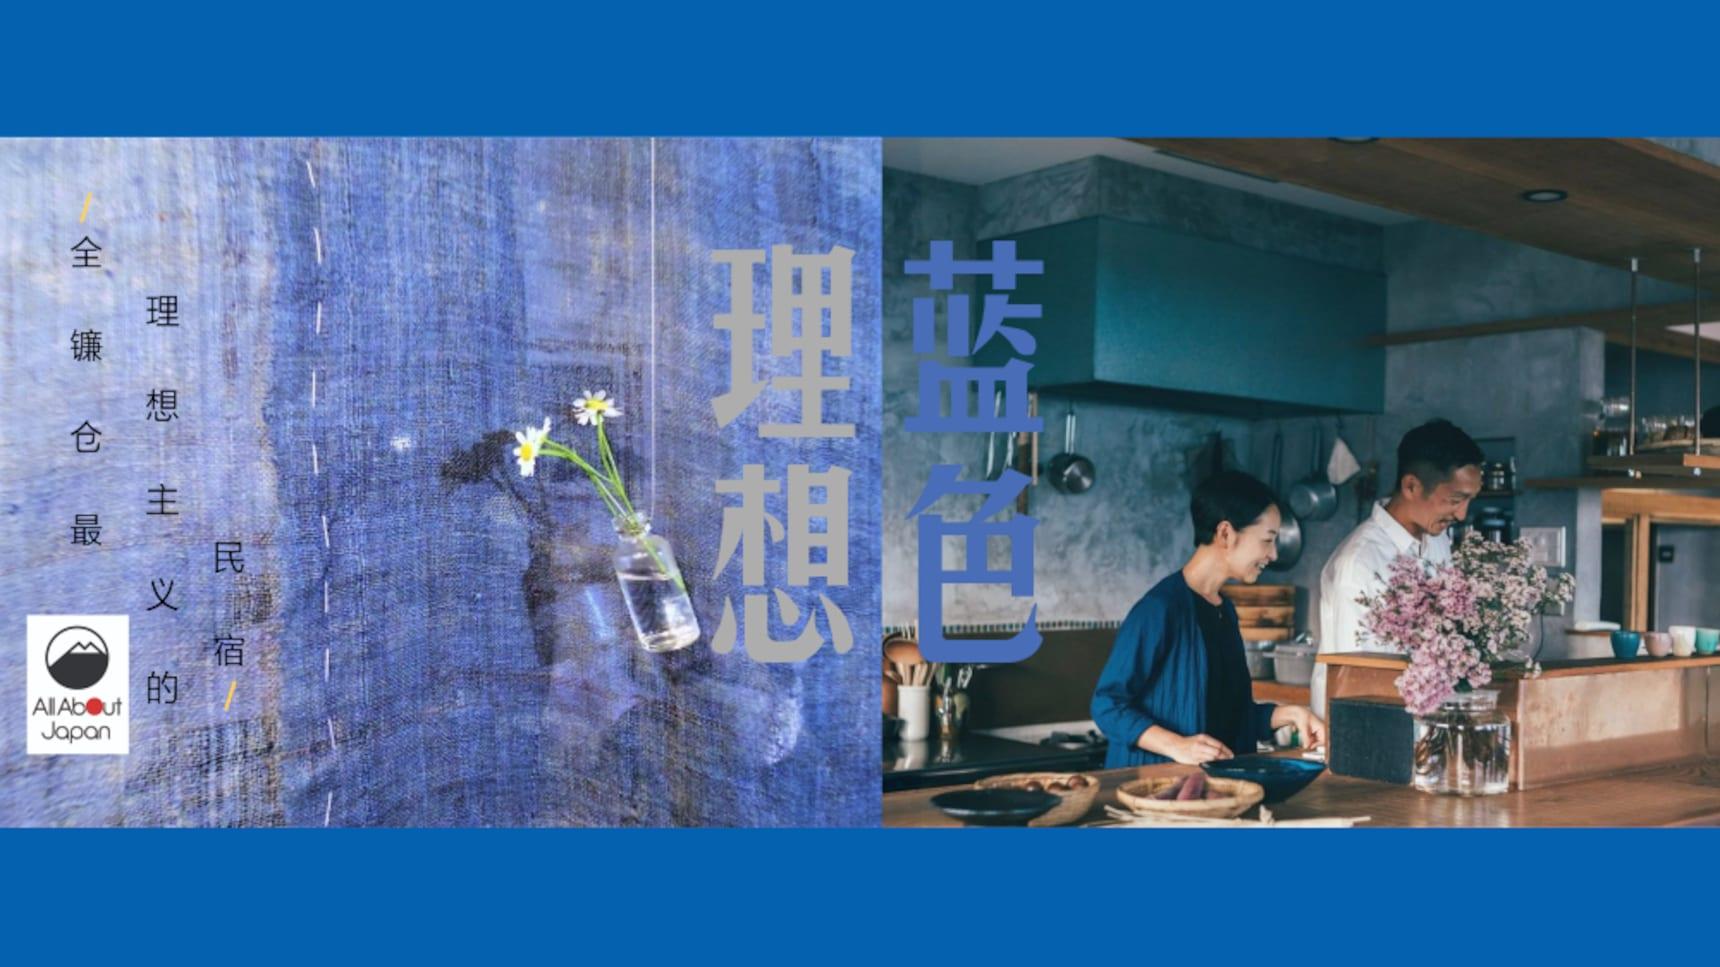 智游人|步入镰仓的「日常」,听听这家日本民宿所讲述的蓝色理想